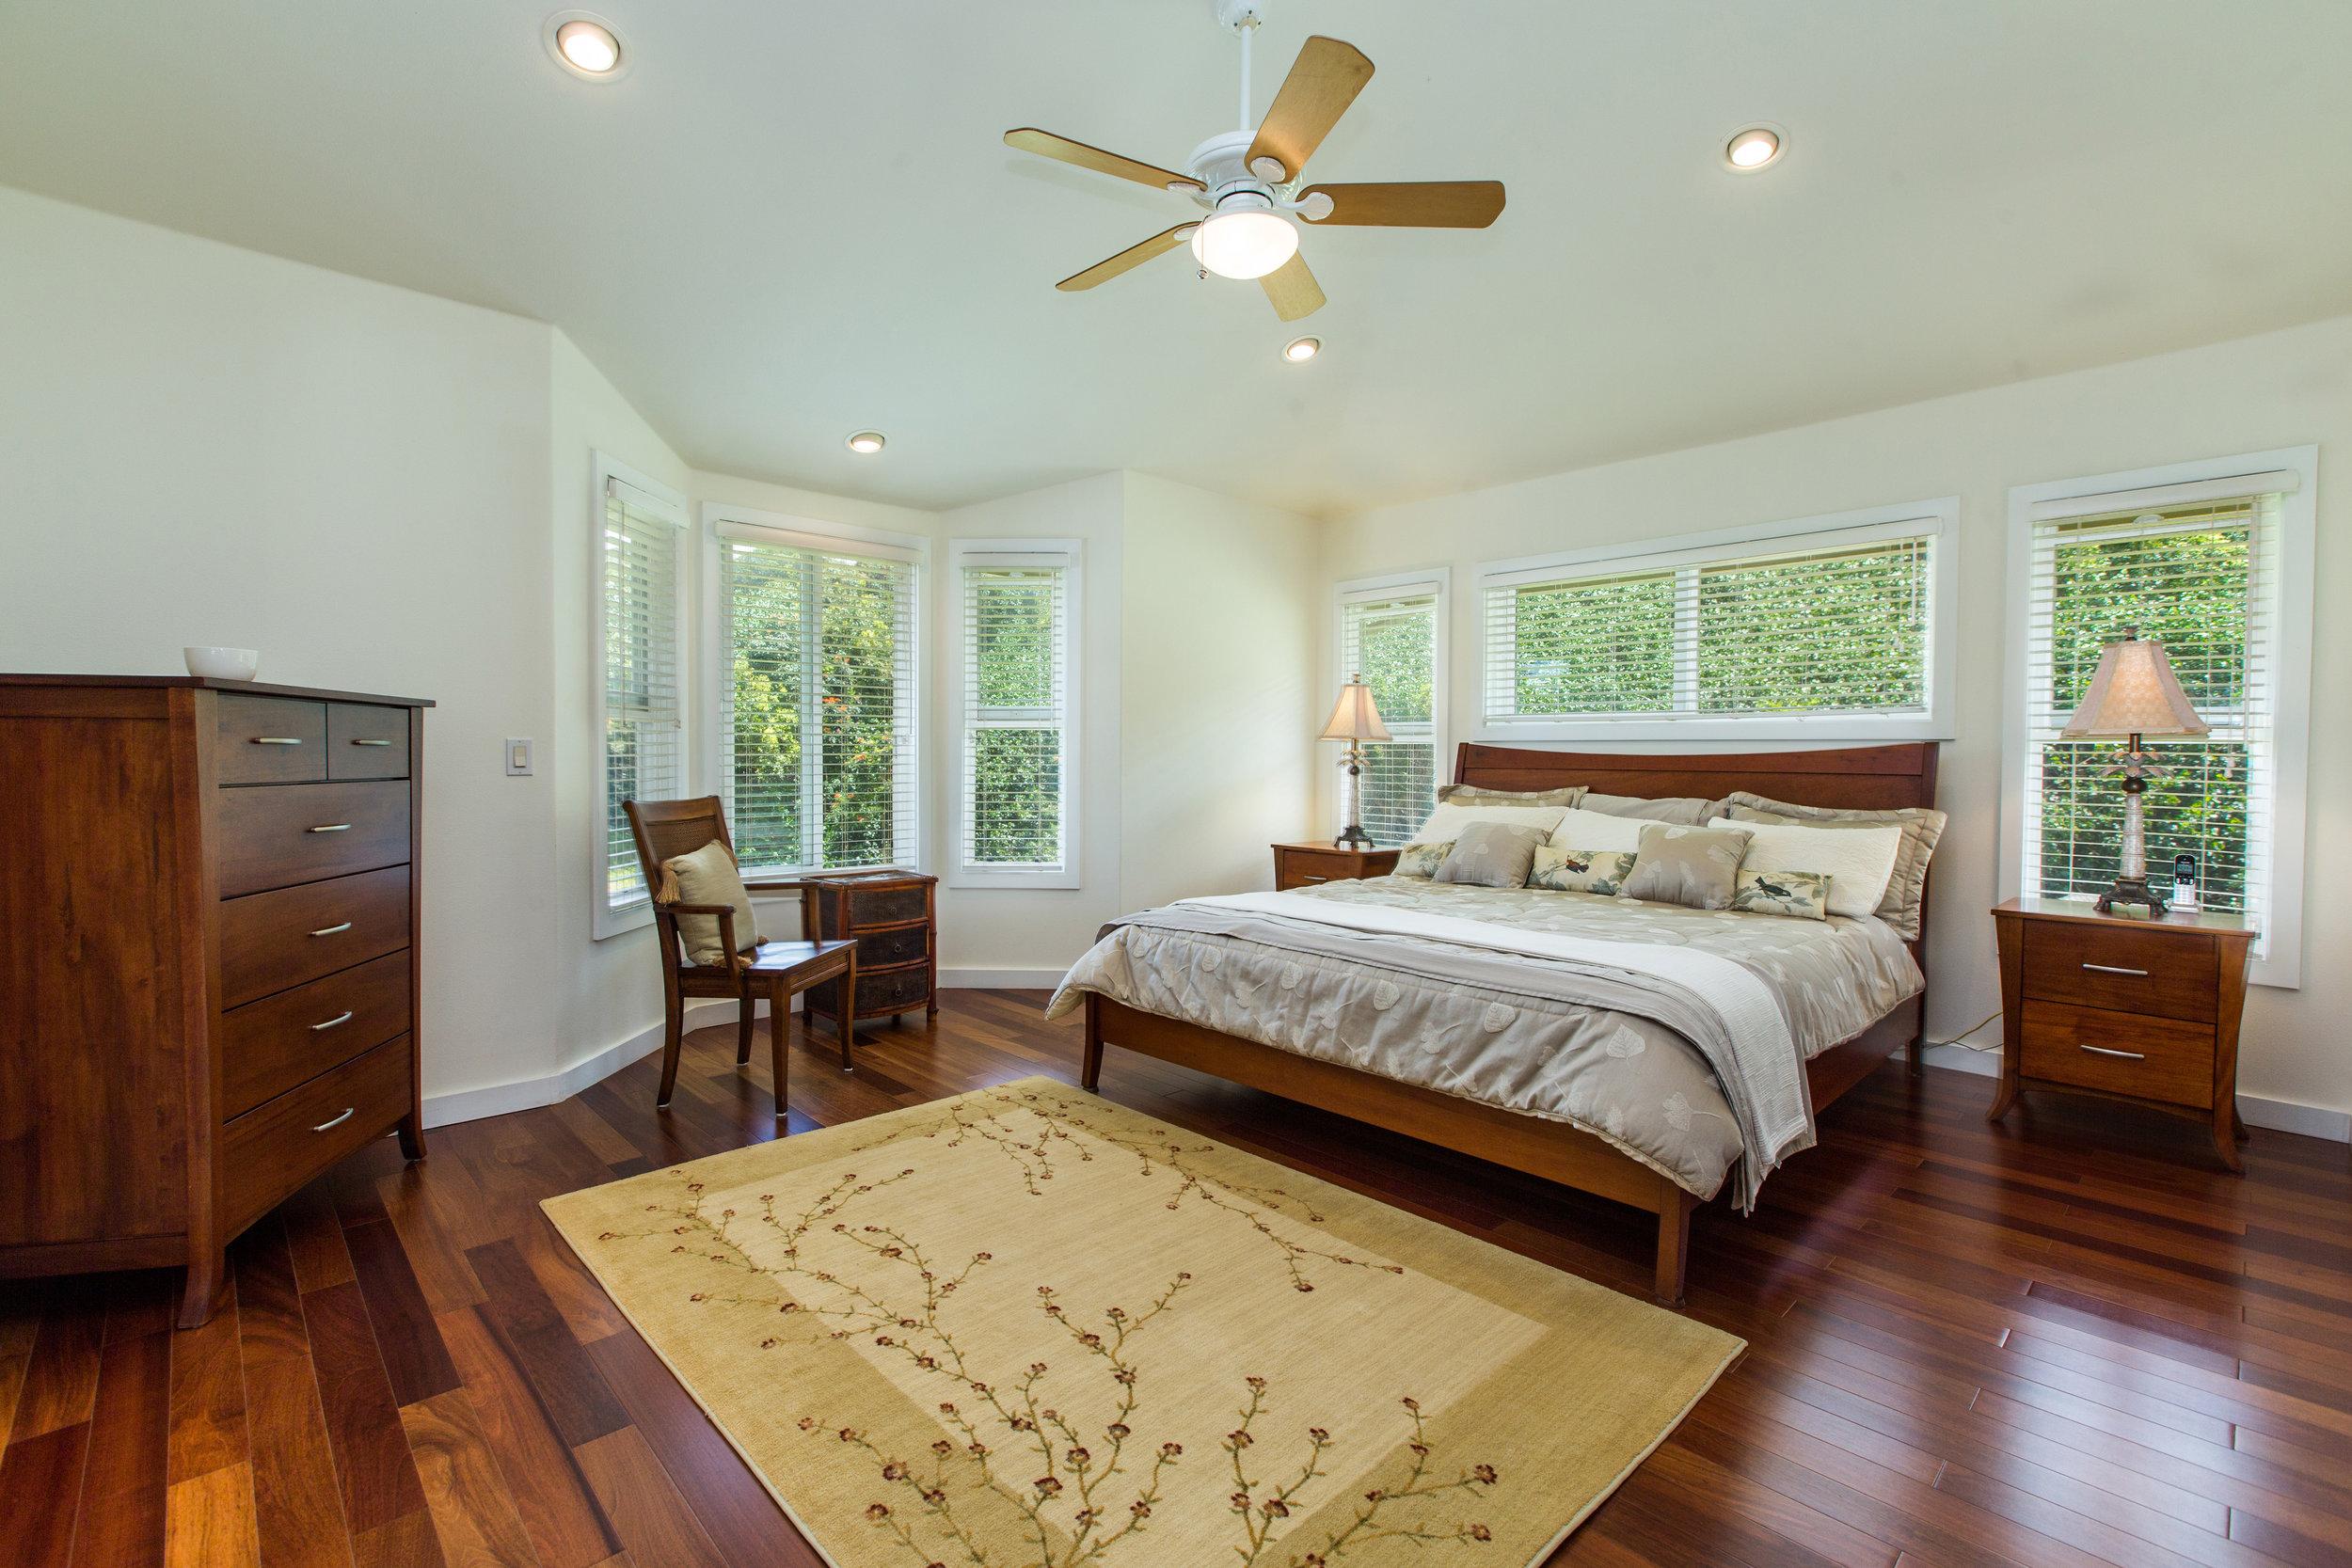 M bedroom.jpg